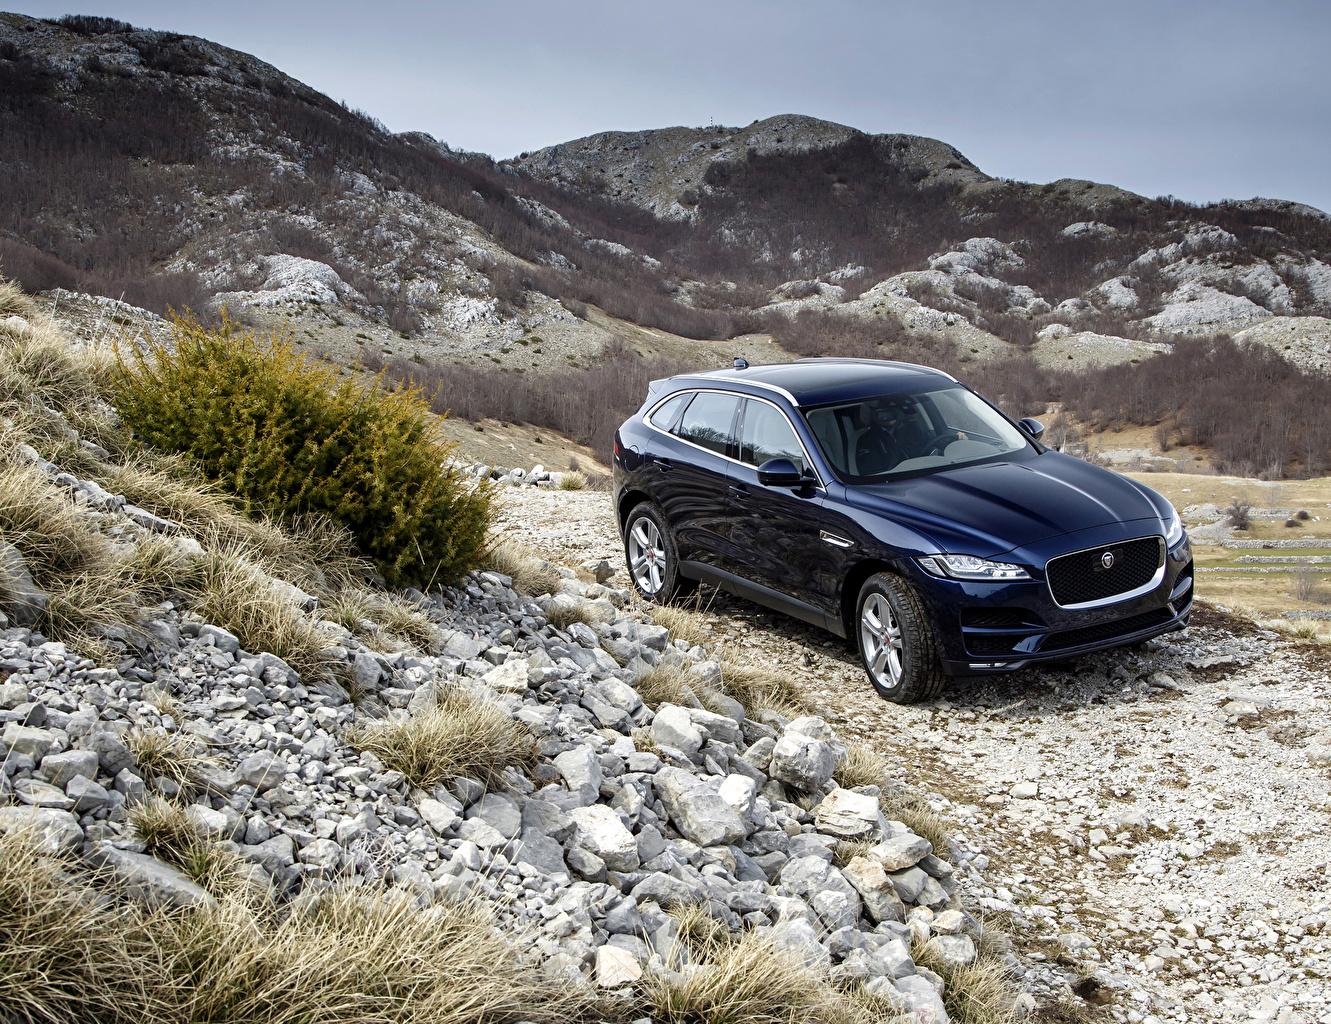 Фото Jaguar 2016 F-Pace Portfolio синяя Металлик Автомобили Ягуар синих синие Синий авто машина машины автомобиль